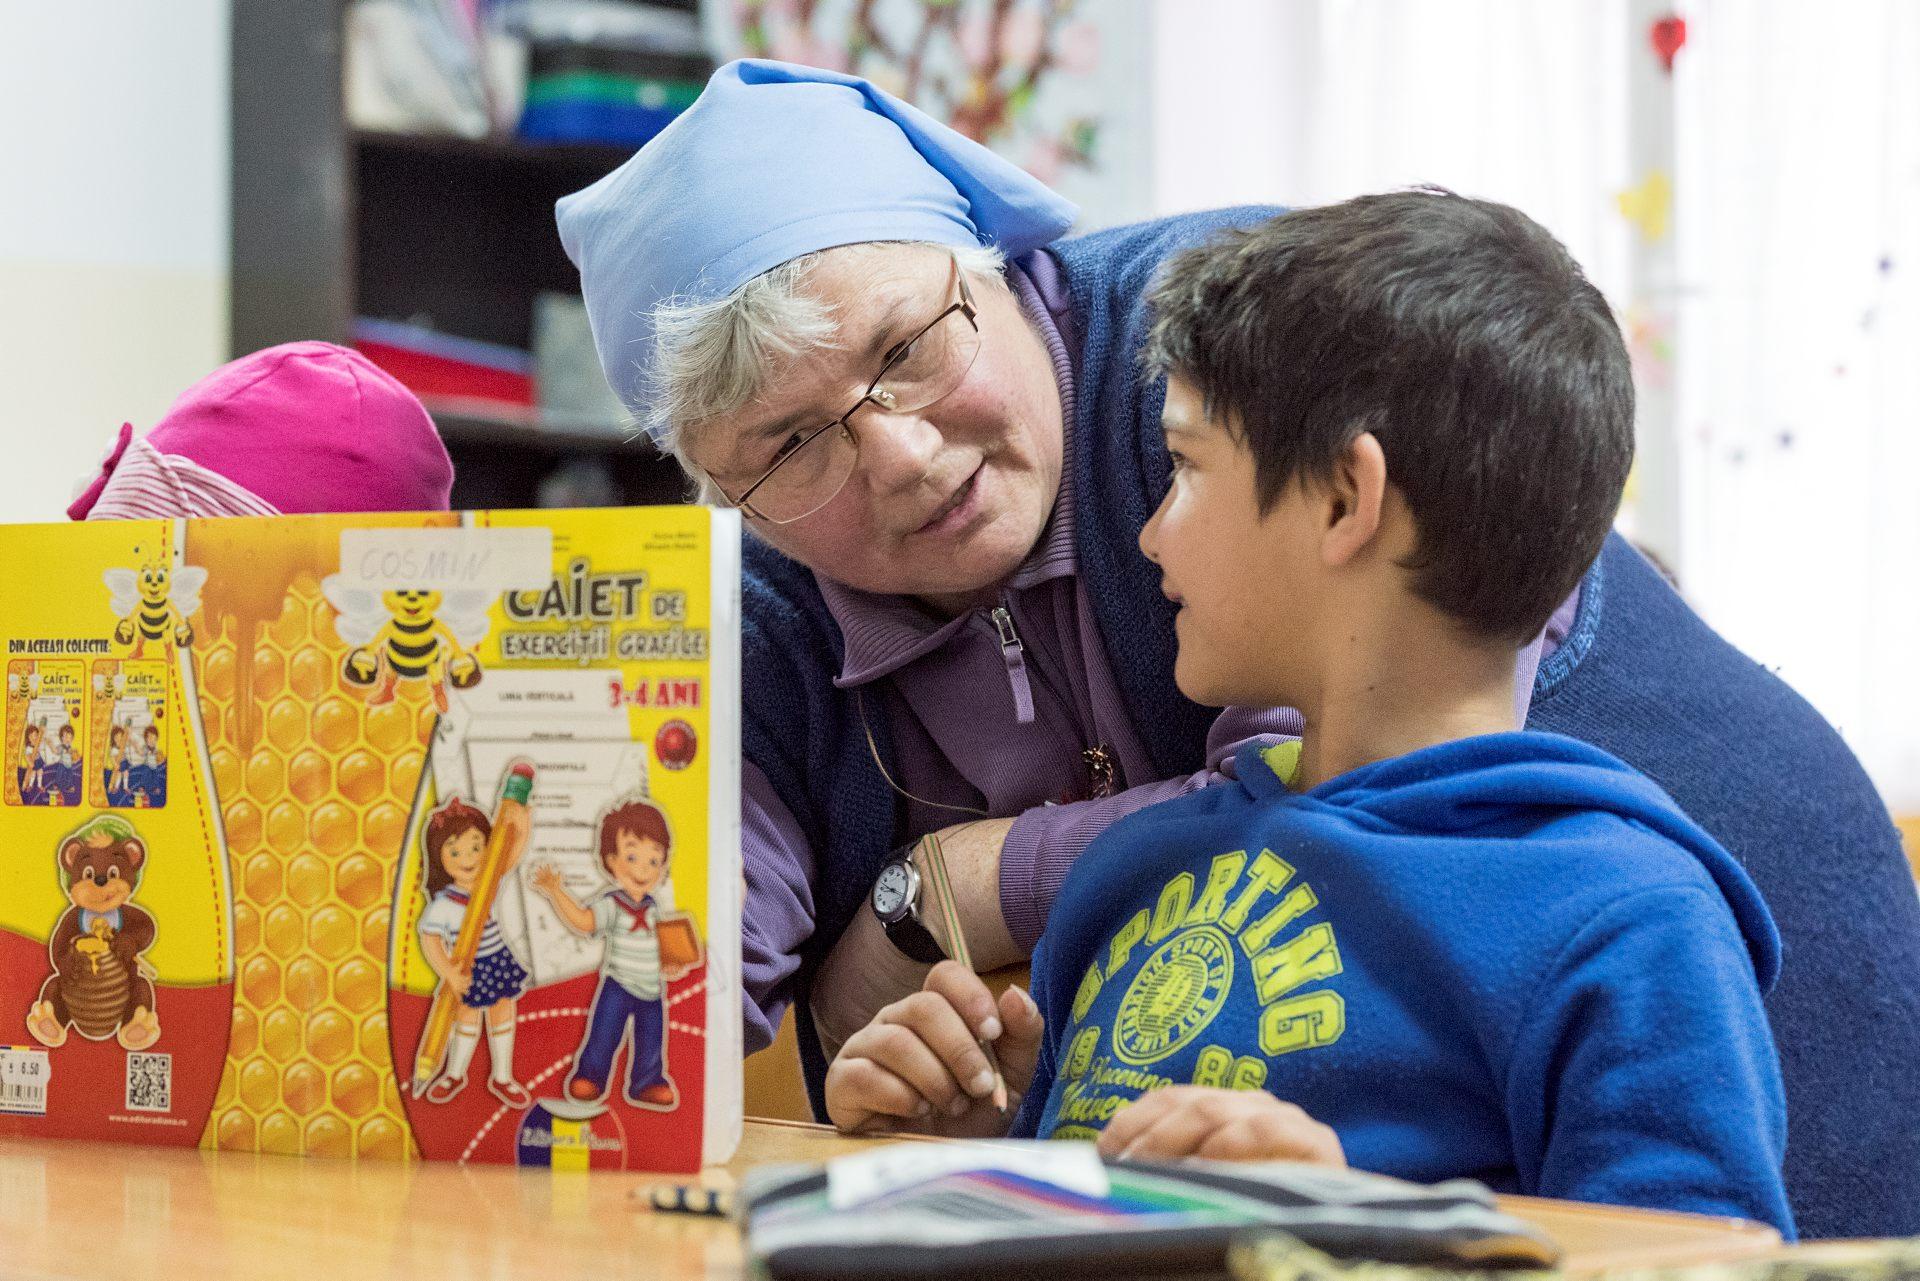 Lärarassistenten, syster Ljuba, är med på lektionerna flera gånger i veckan. Hon gör också hembesök i Olympic village. Foto: GUstaf Hellsing/IKON